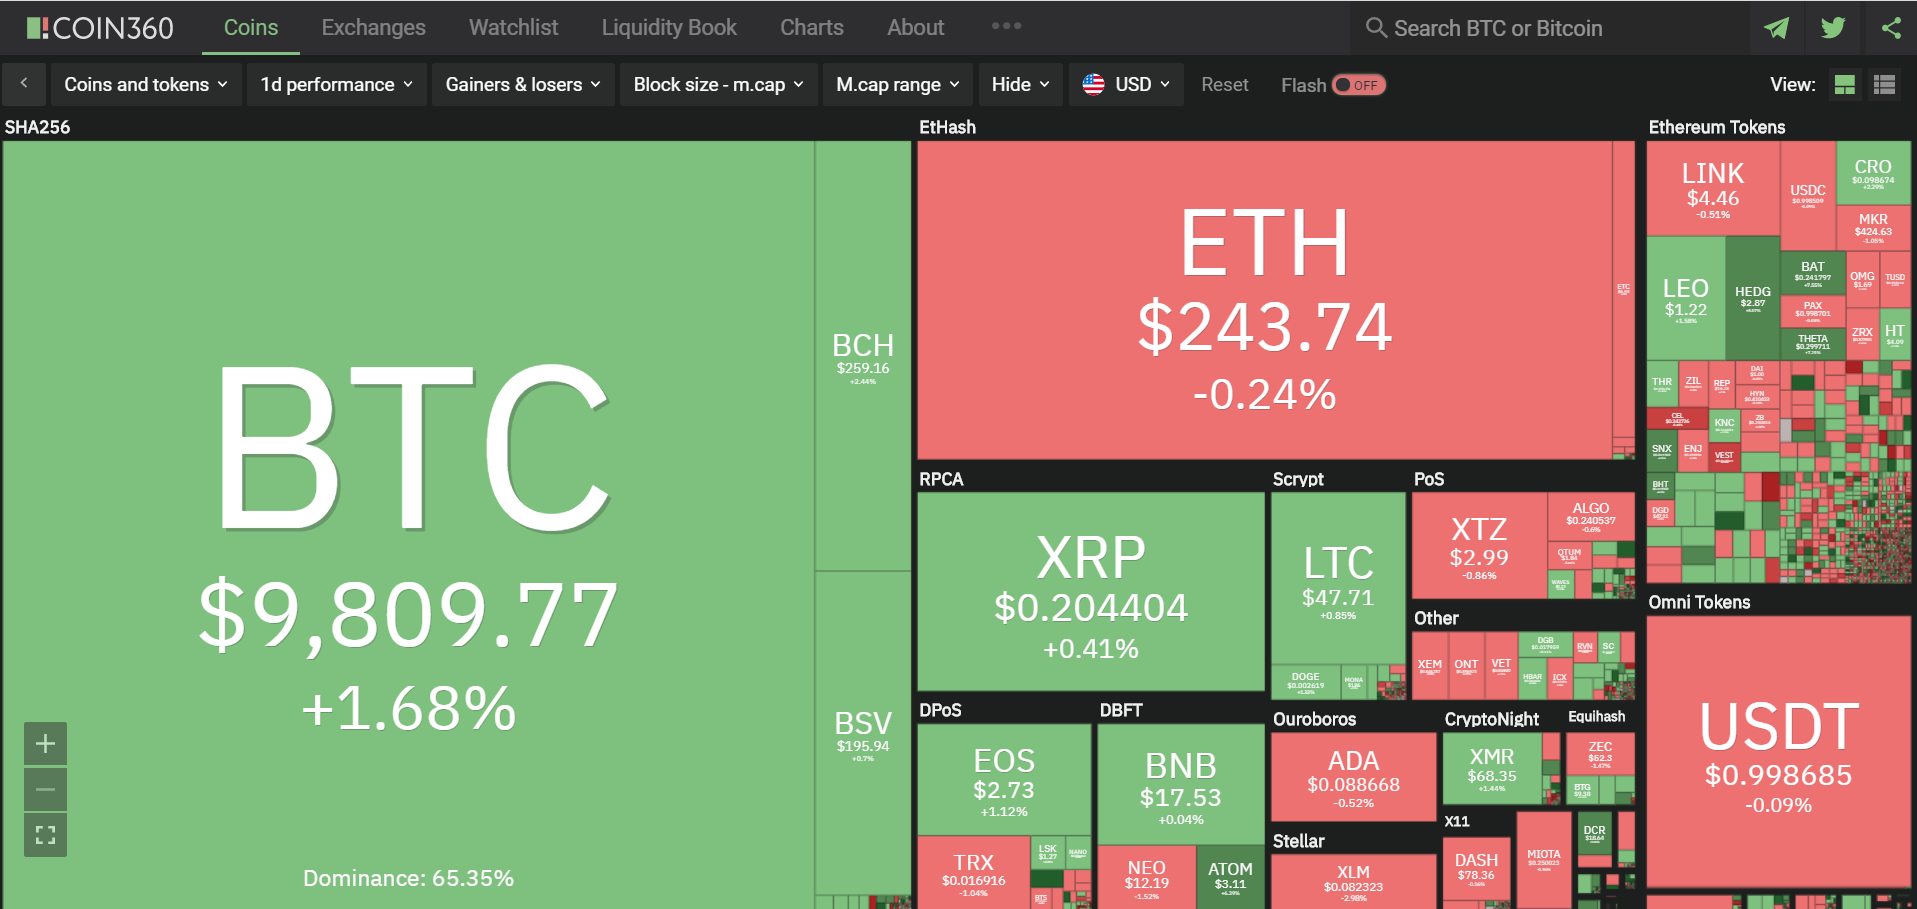 Toàn cảnh thị trường ngày 5/6 (nguồn: Coin360.com)